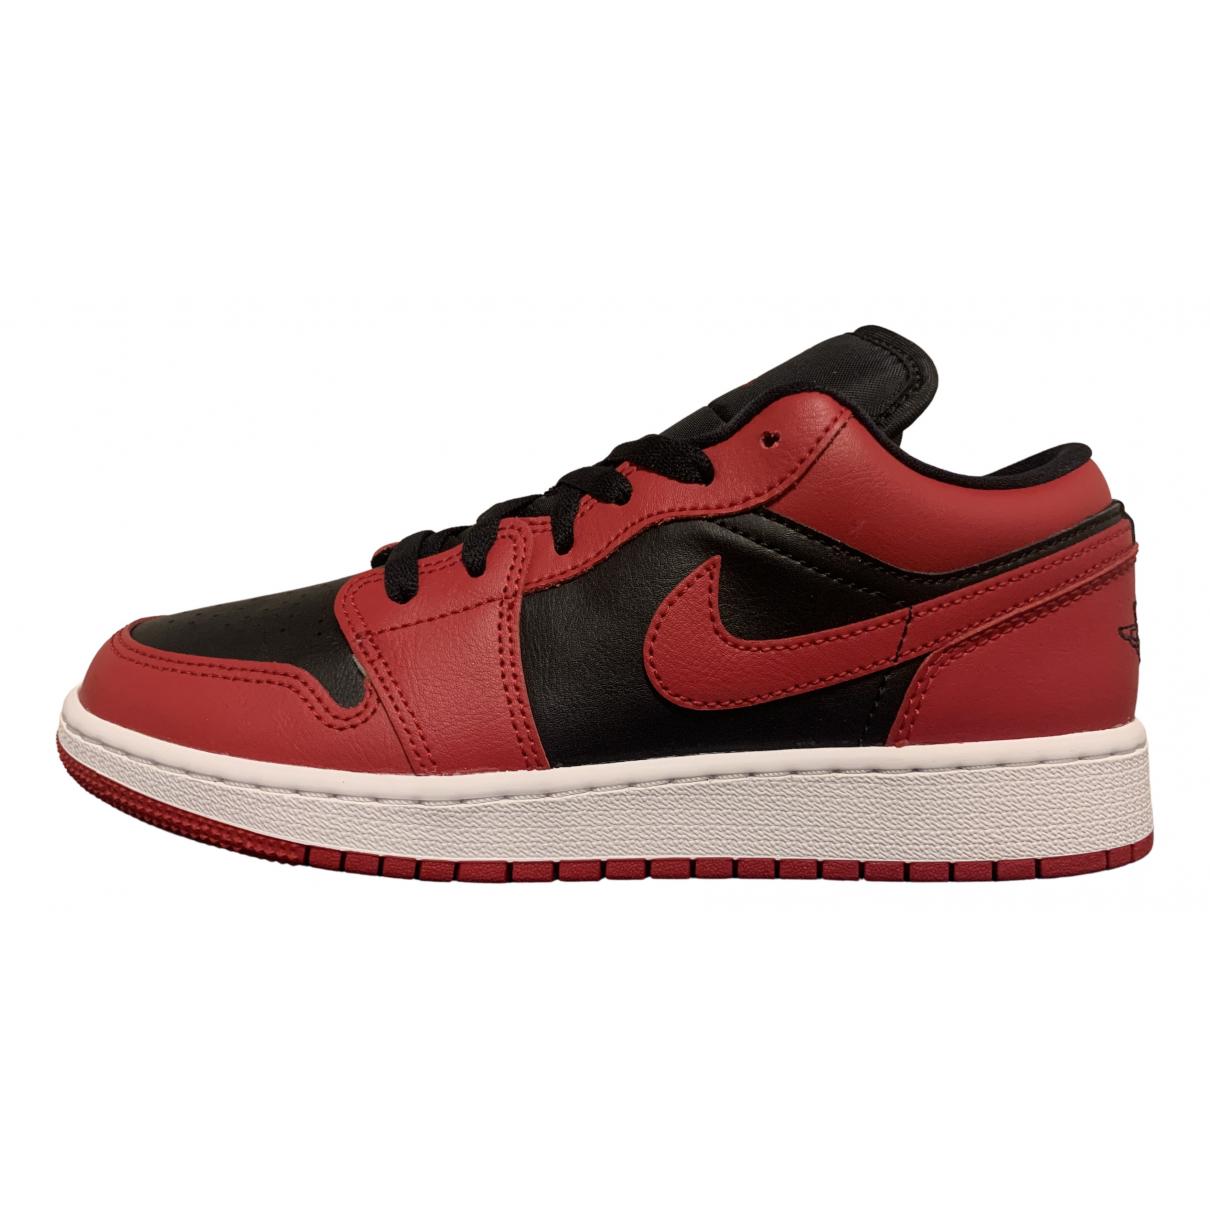 Jordan Air Jordan 1  Red Leather Trainers for Women 38.5 EU